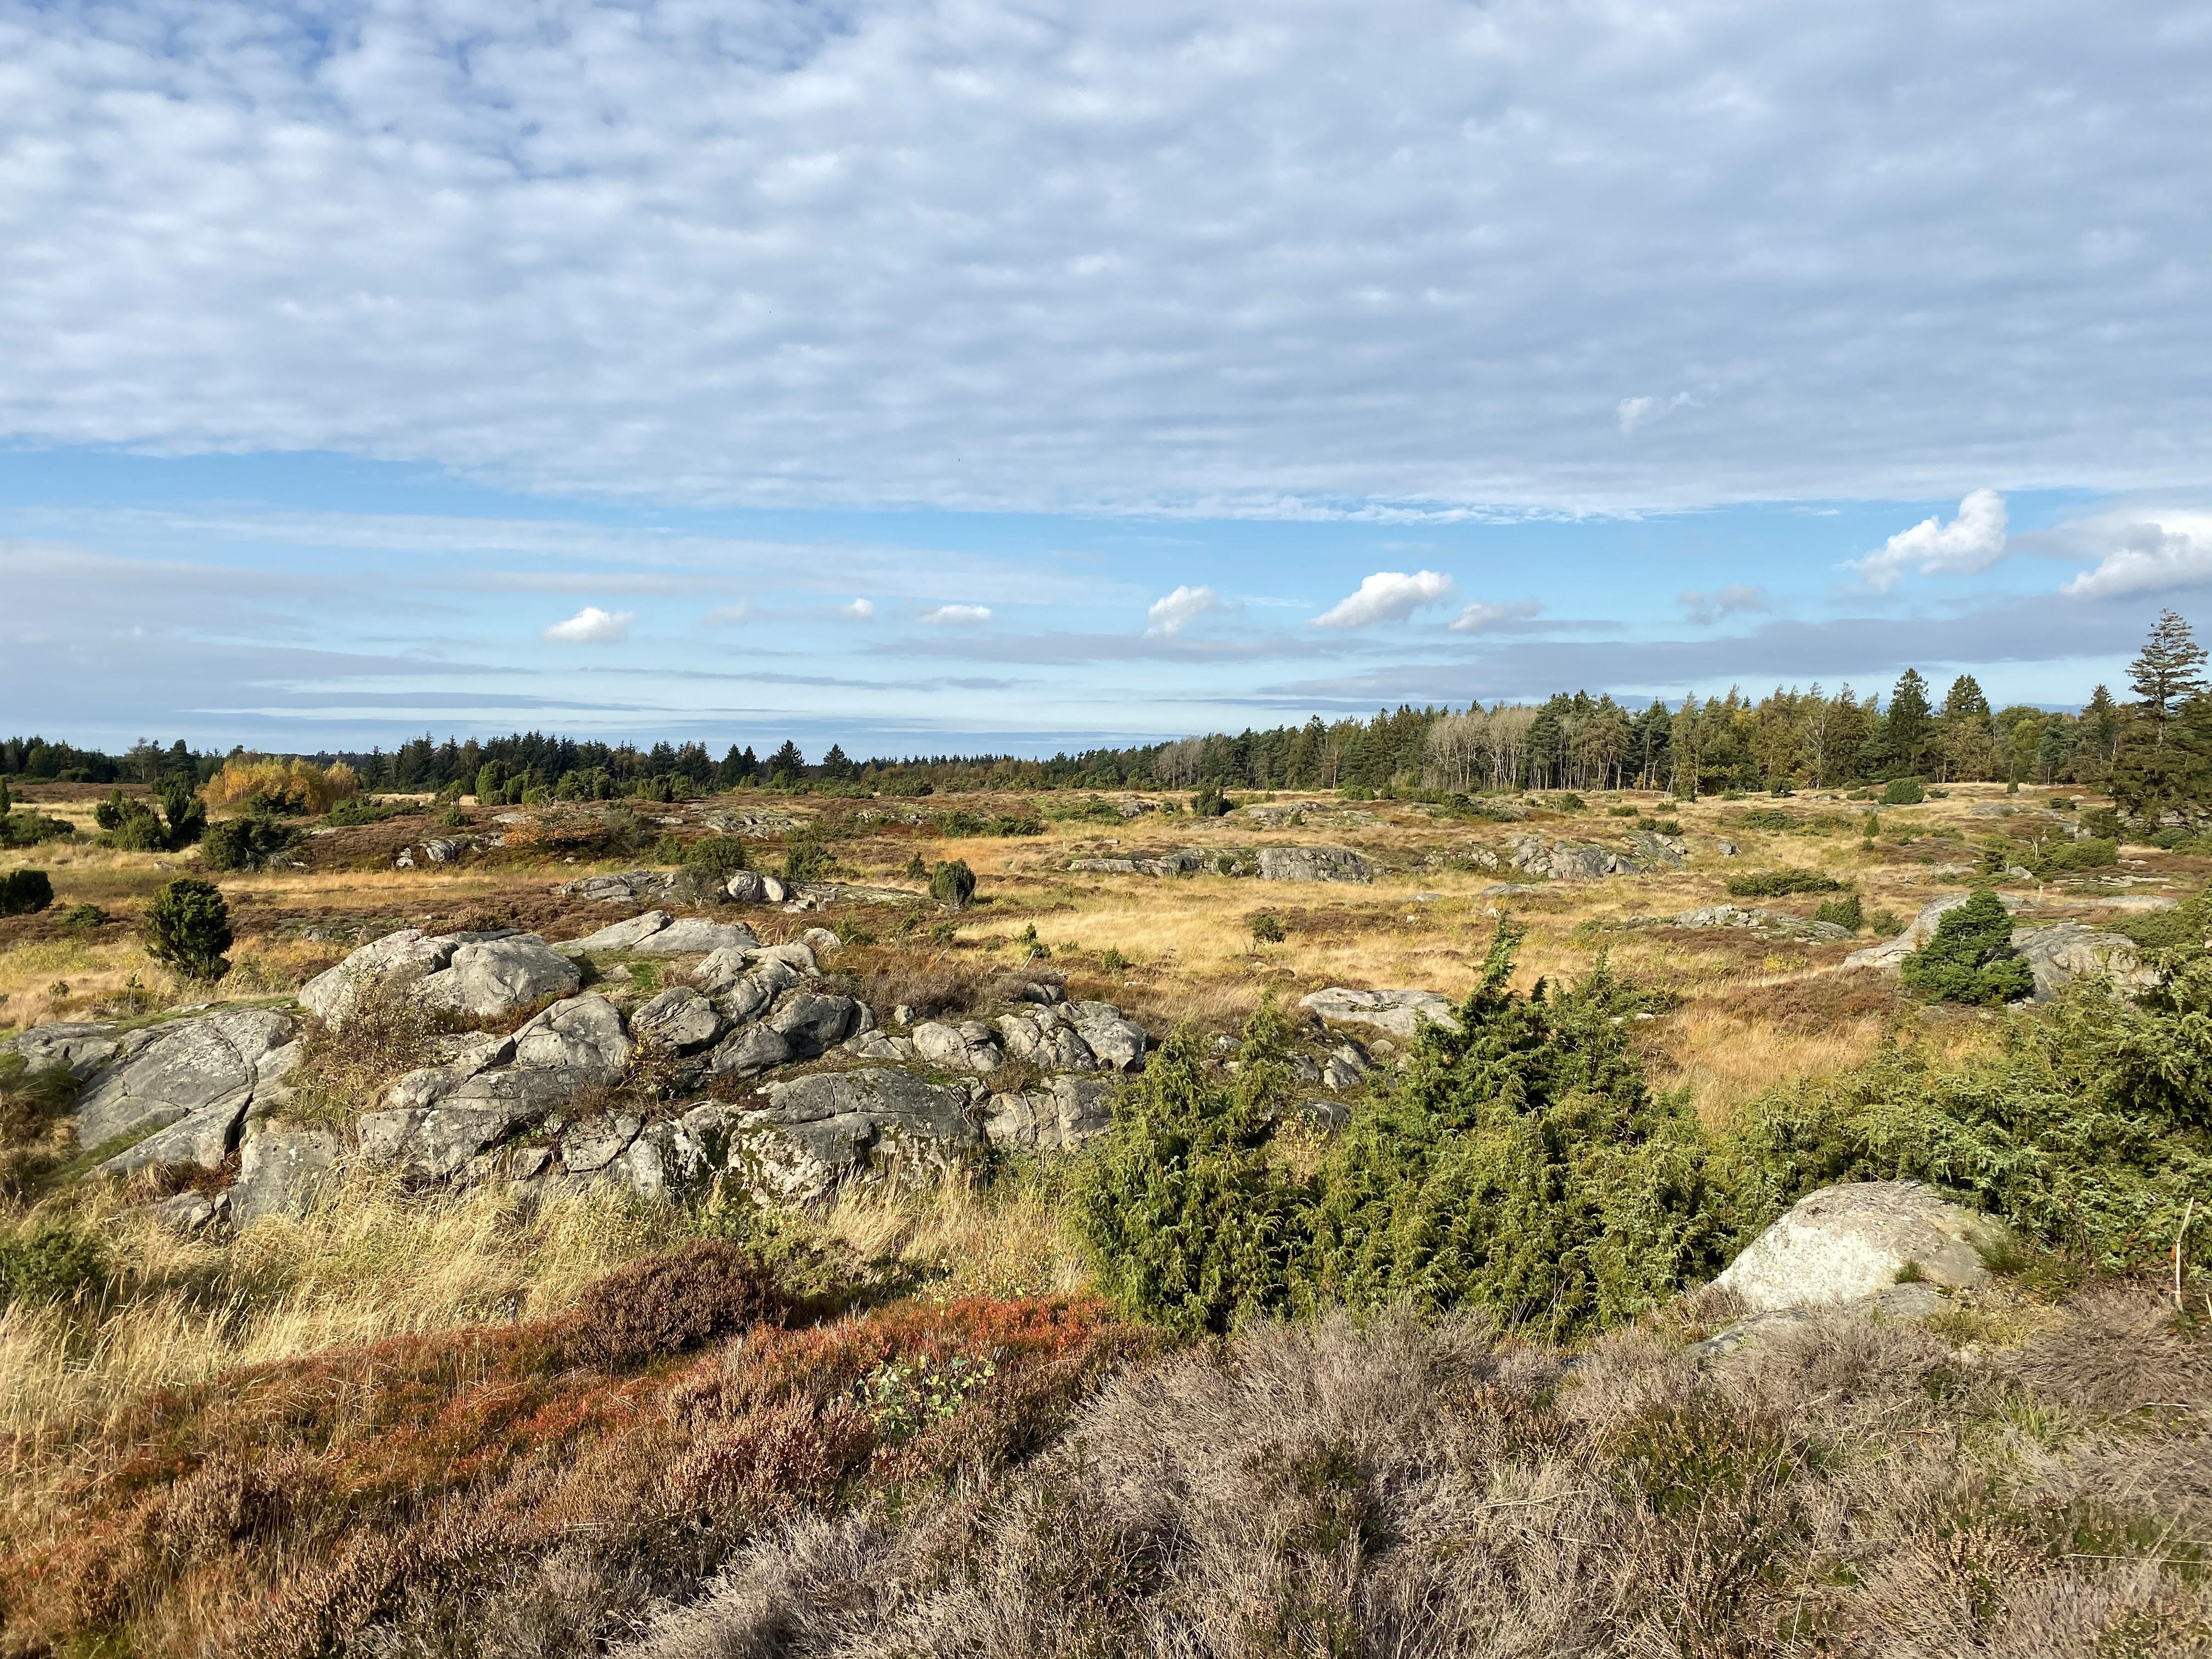 Oplev den Bornholmske natur